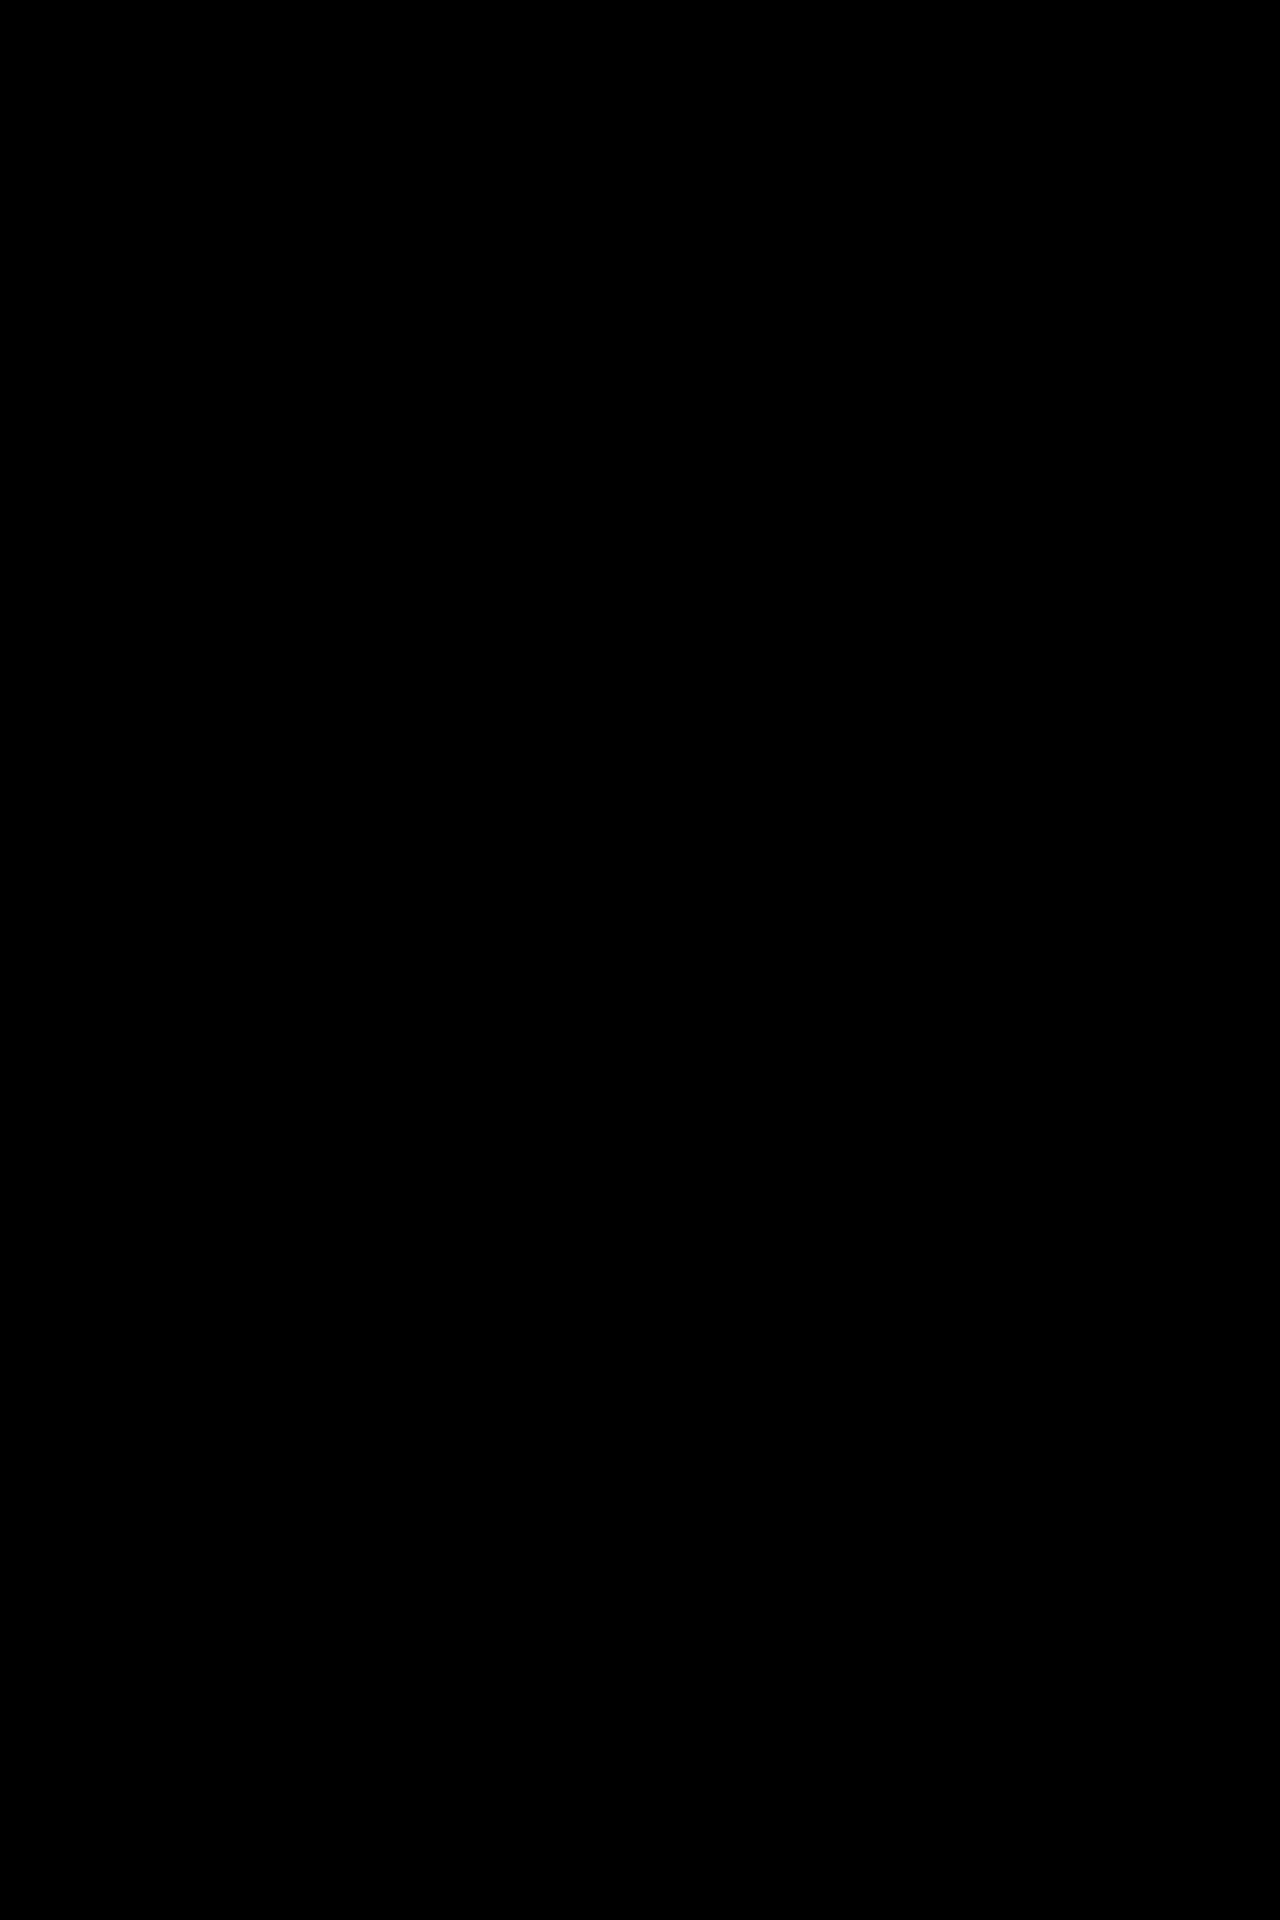 MÄNNERAUSRÜSTUNG für AUFSTIEGSFRAUEN 27.04.2019